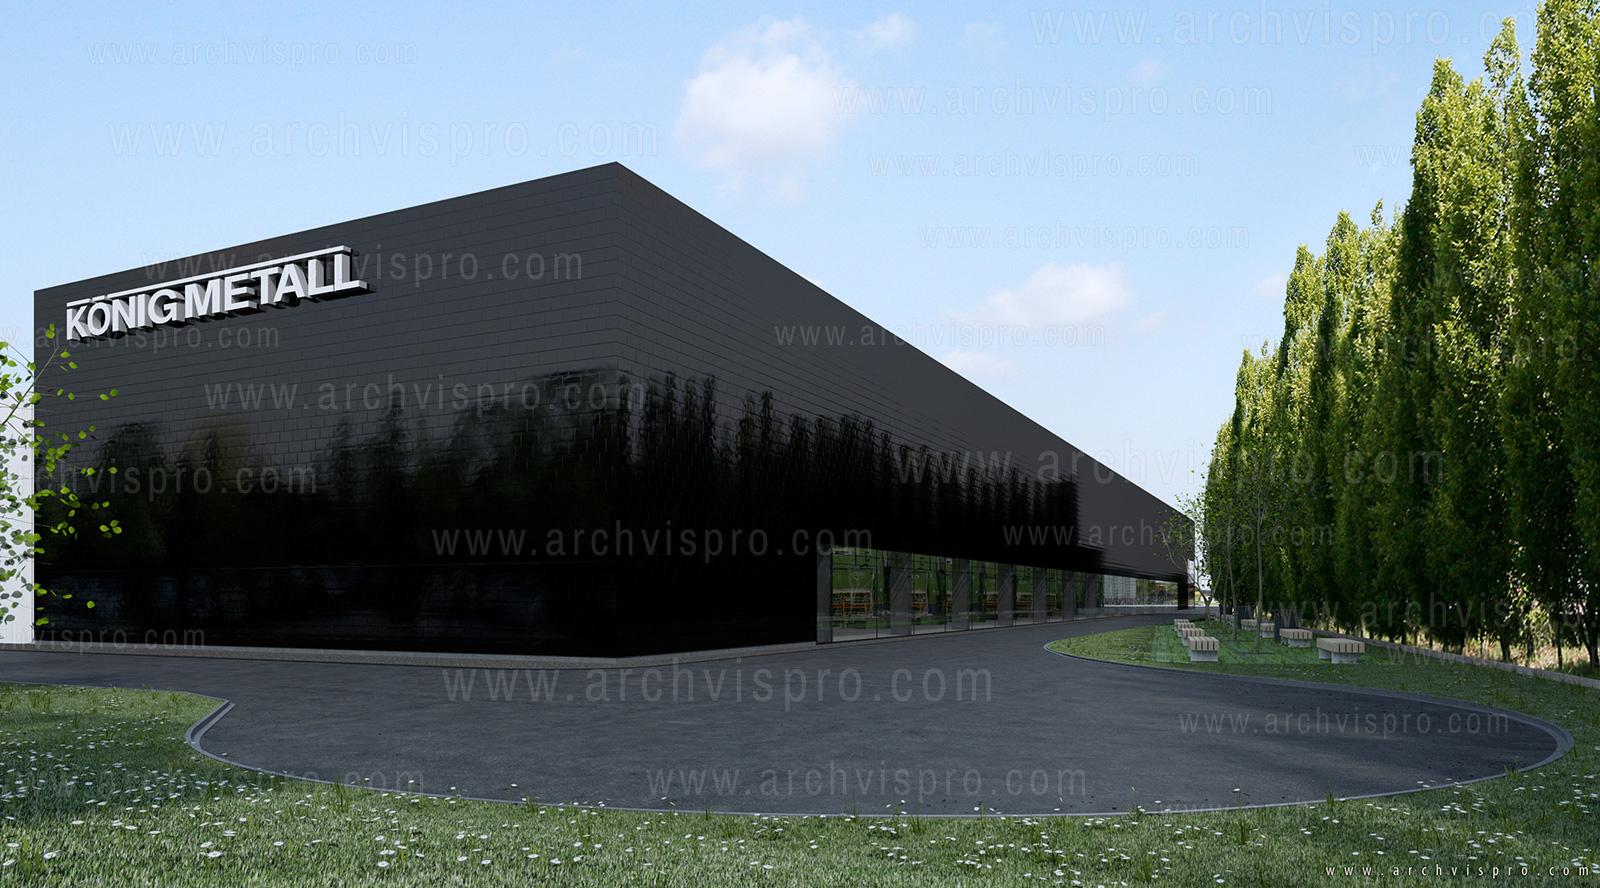 archvispro visualisierungen 2010. Black Bedroom Furniture Sets. Home Design Ideas